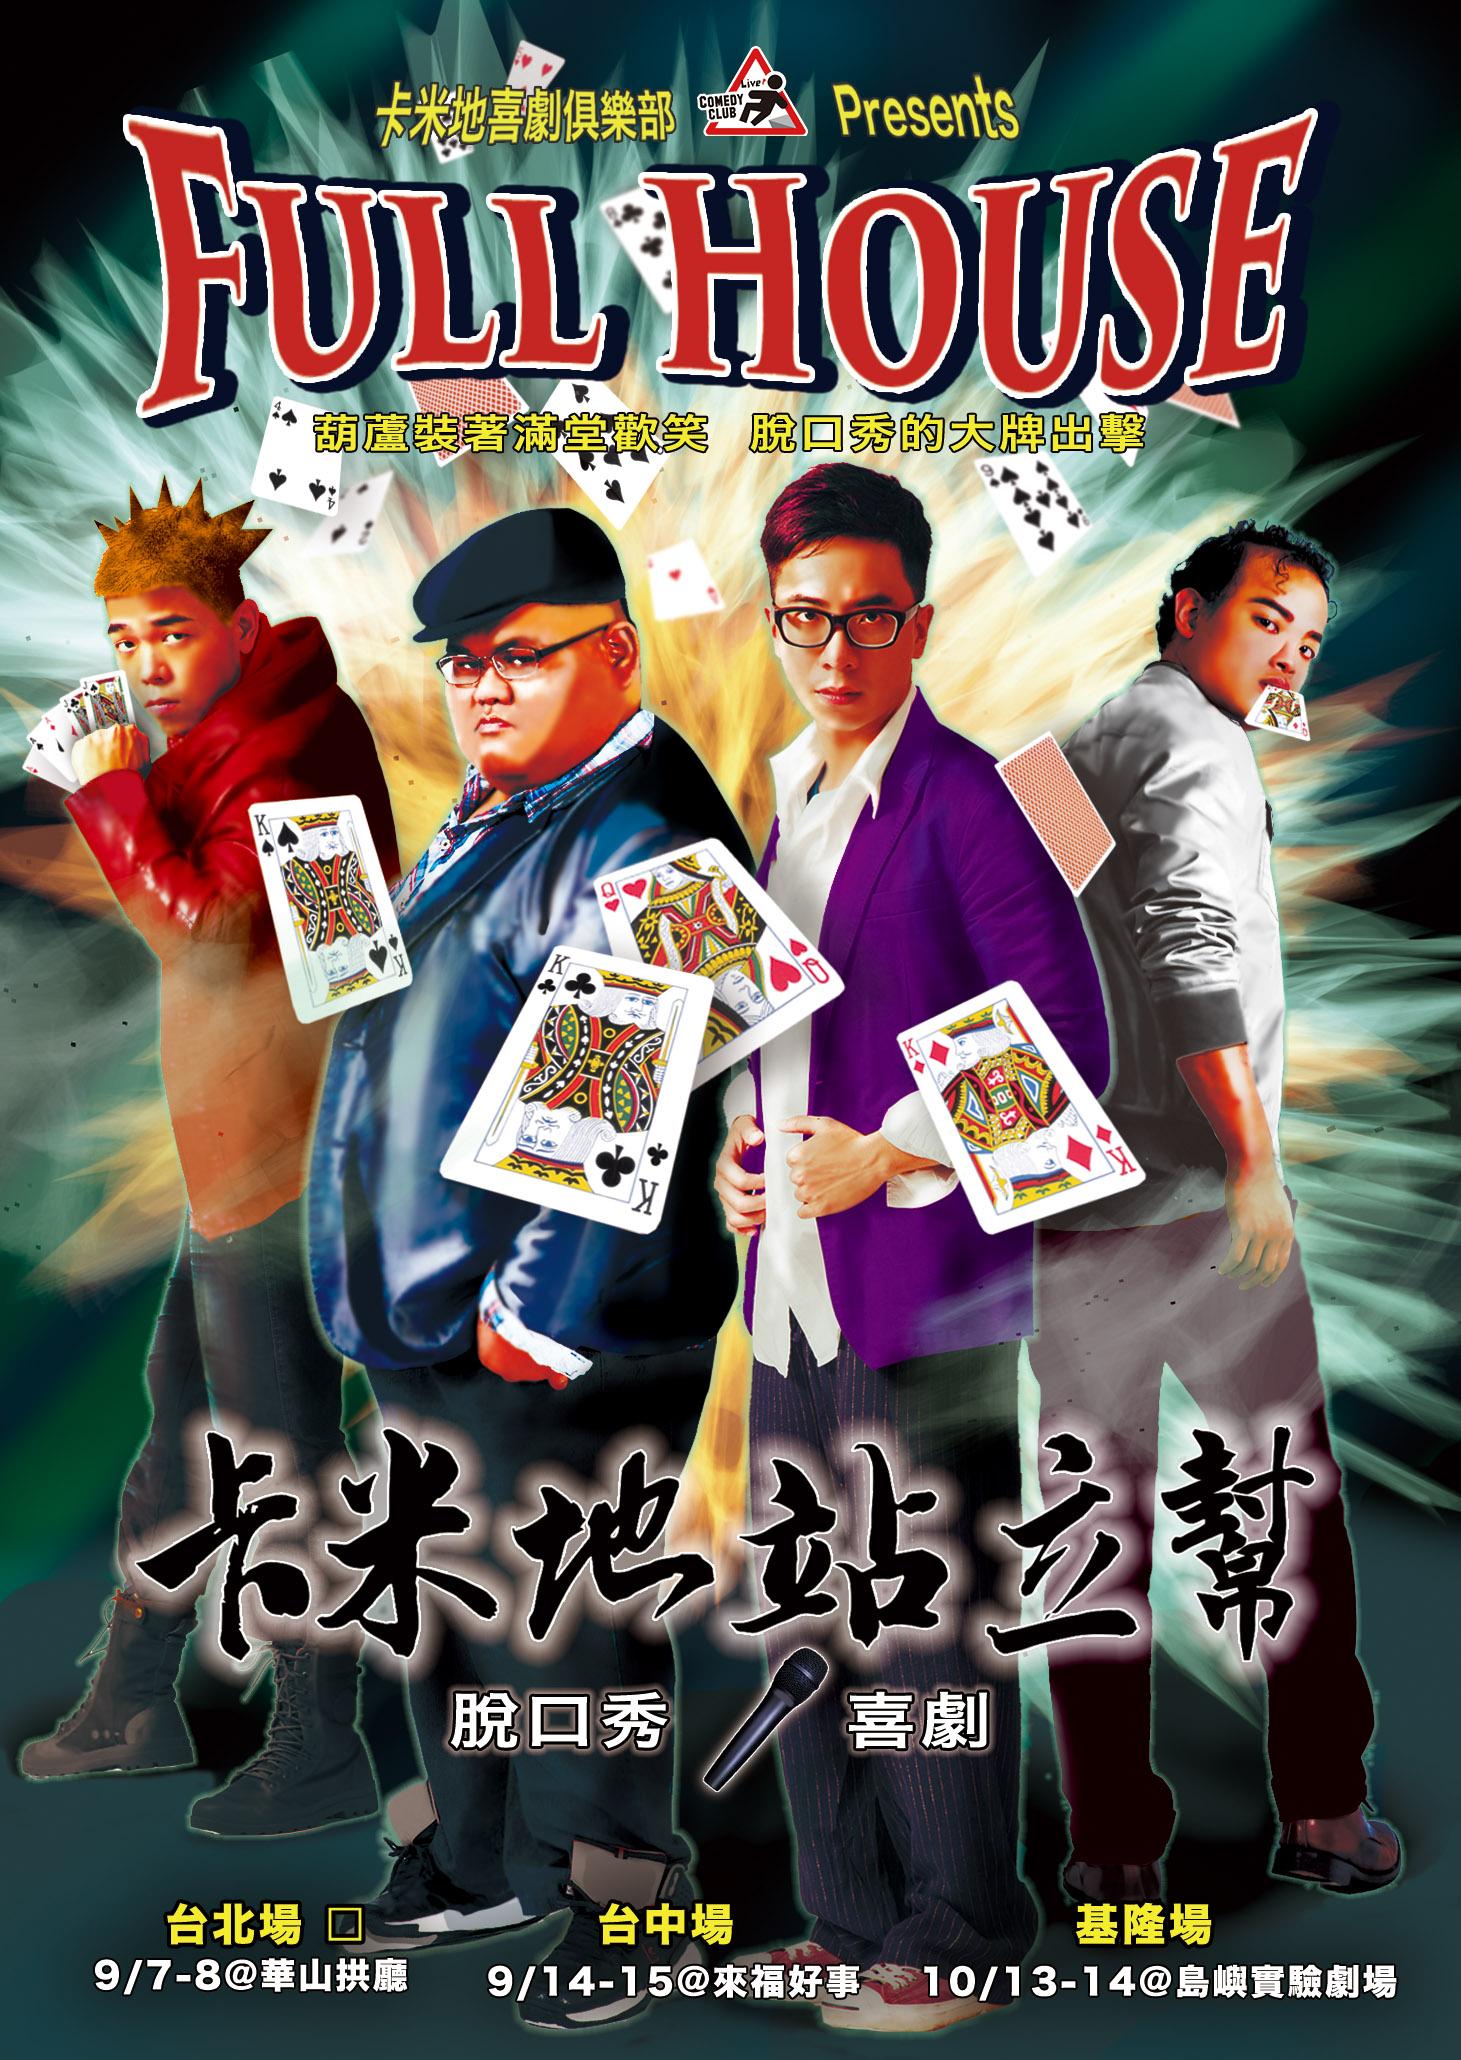 9/7-10/14 站立幫:Full House (台北-台中-基隆)